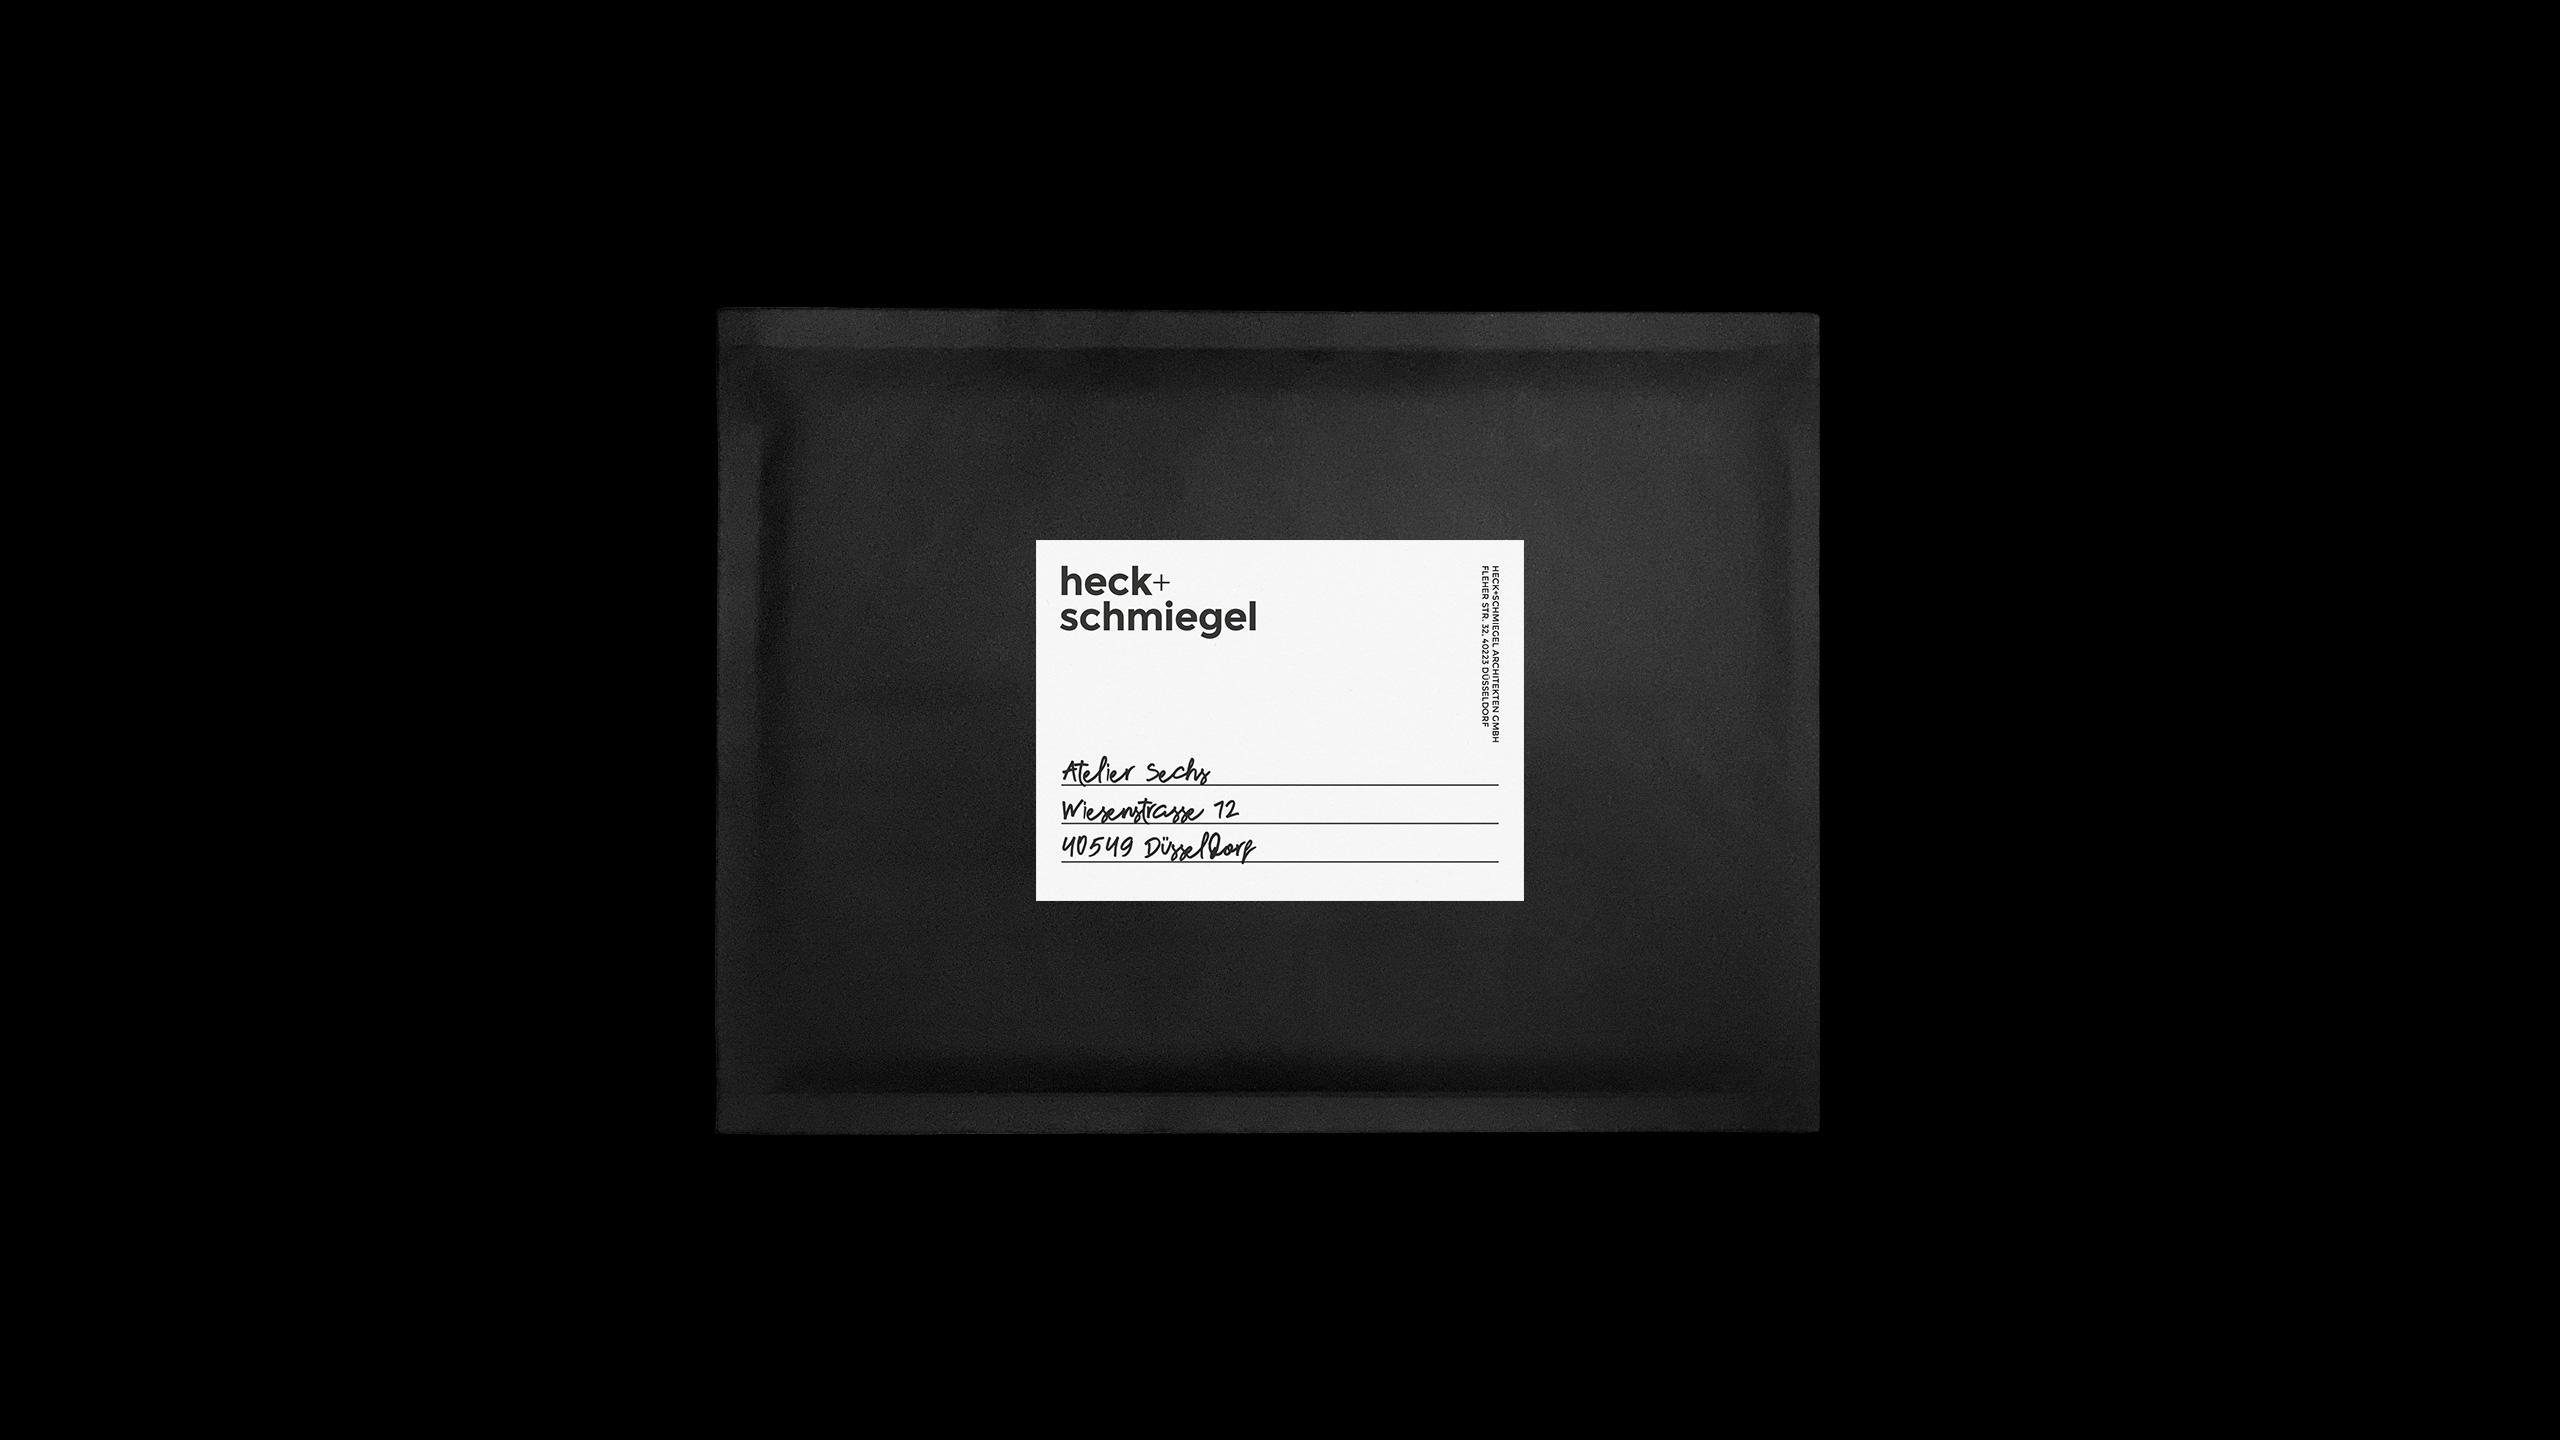 004-heckundschmiegel-architektur_high